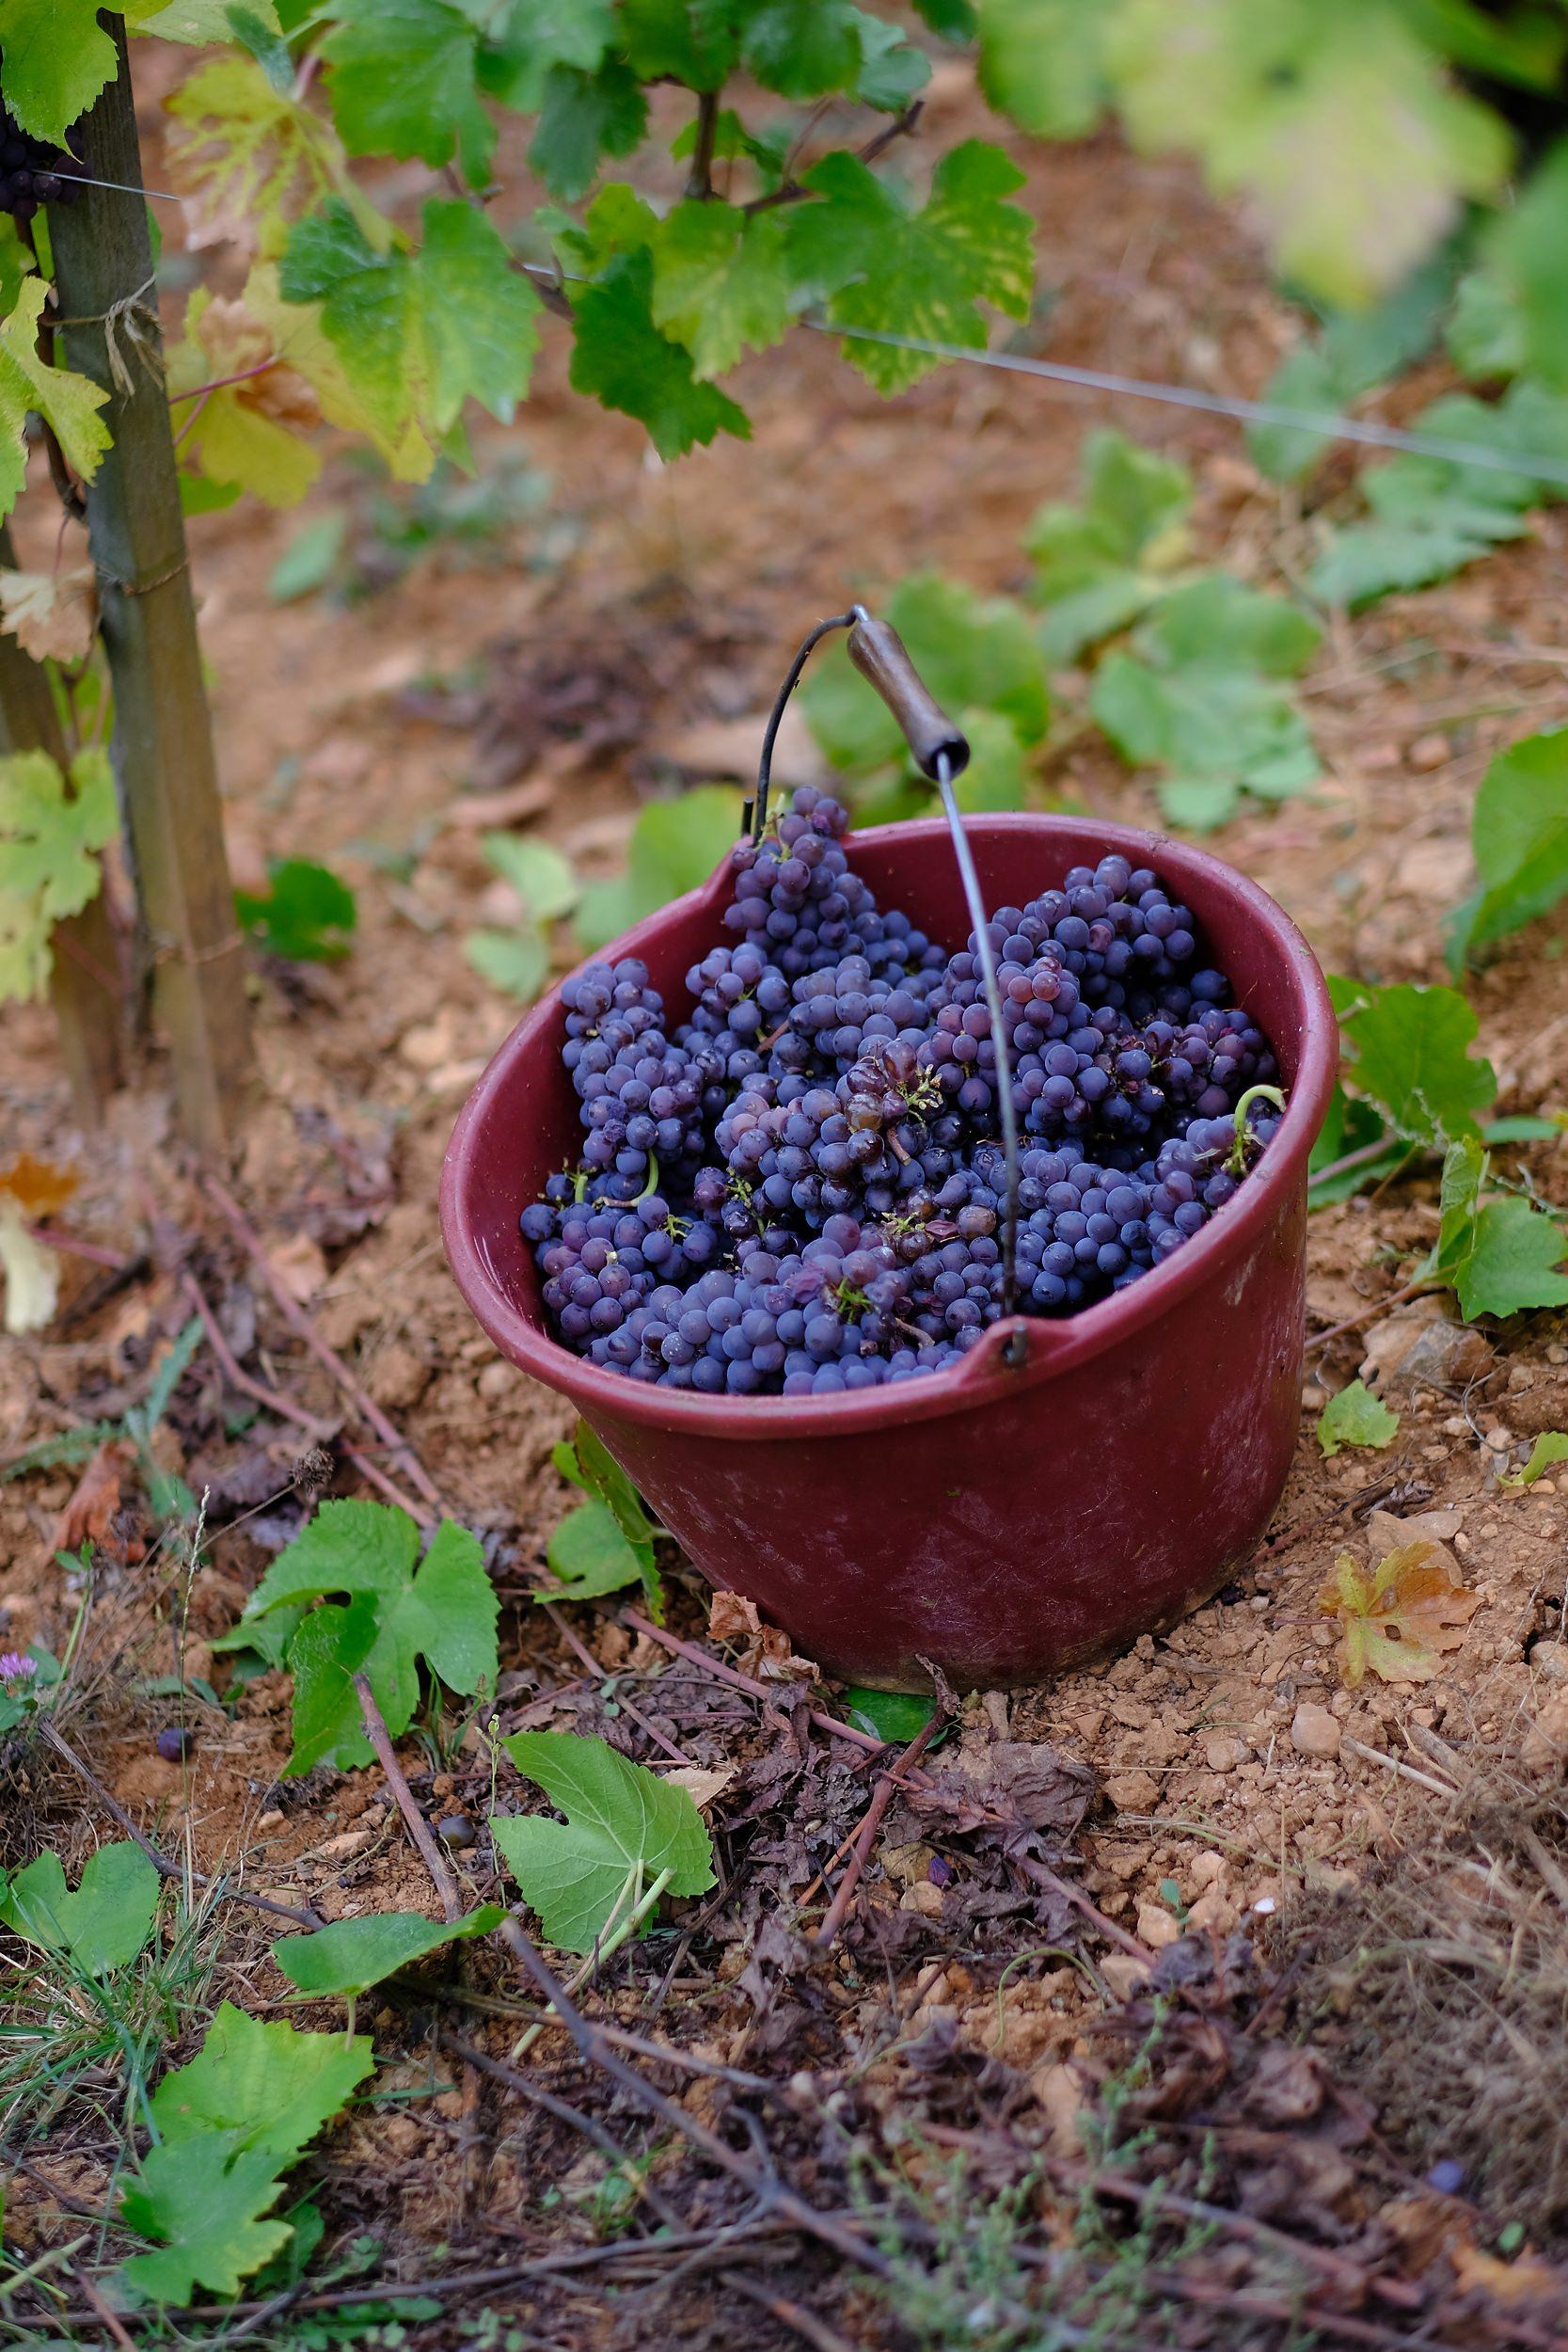 fotoreportage-wijn produceren-Vignoble des 2 lunes-Bosman Wijnkopers-469.jpg